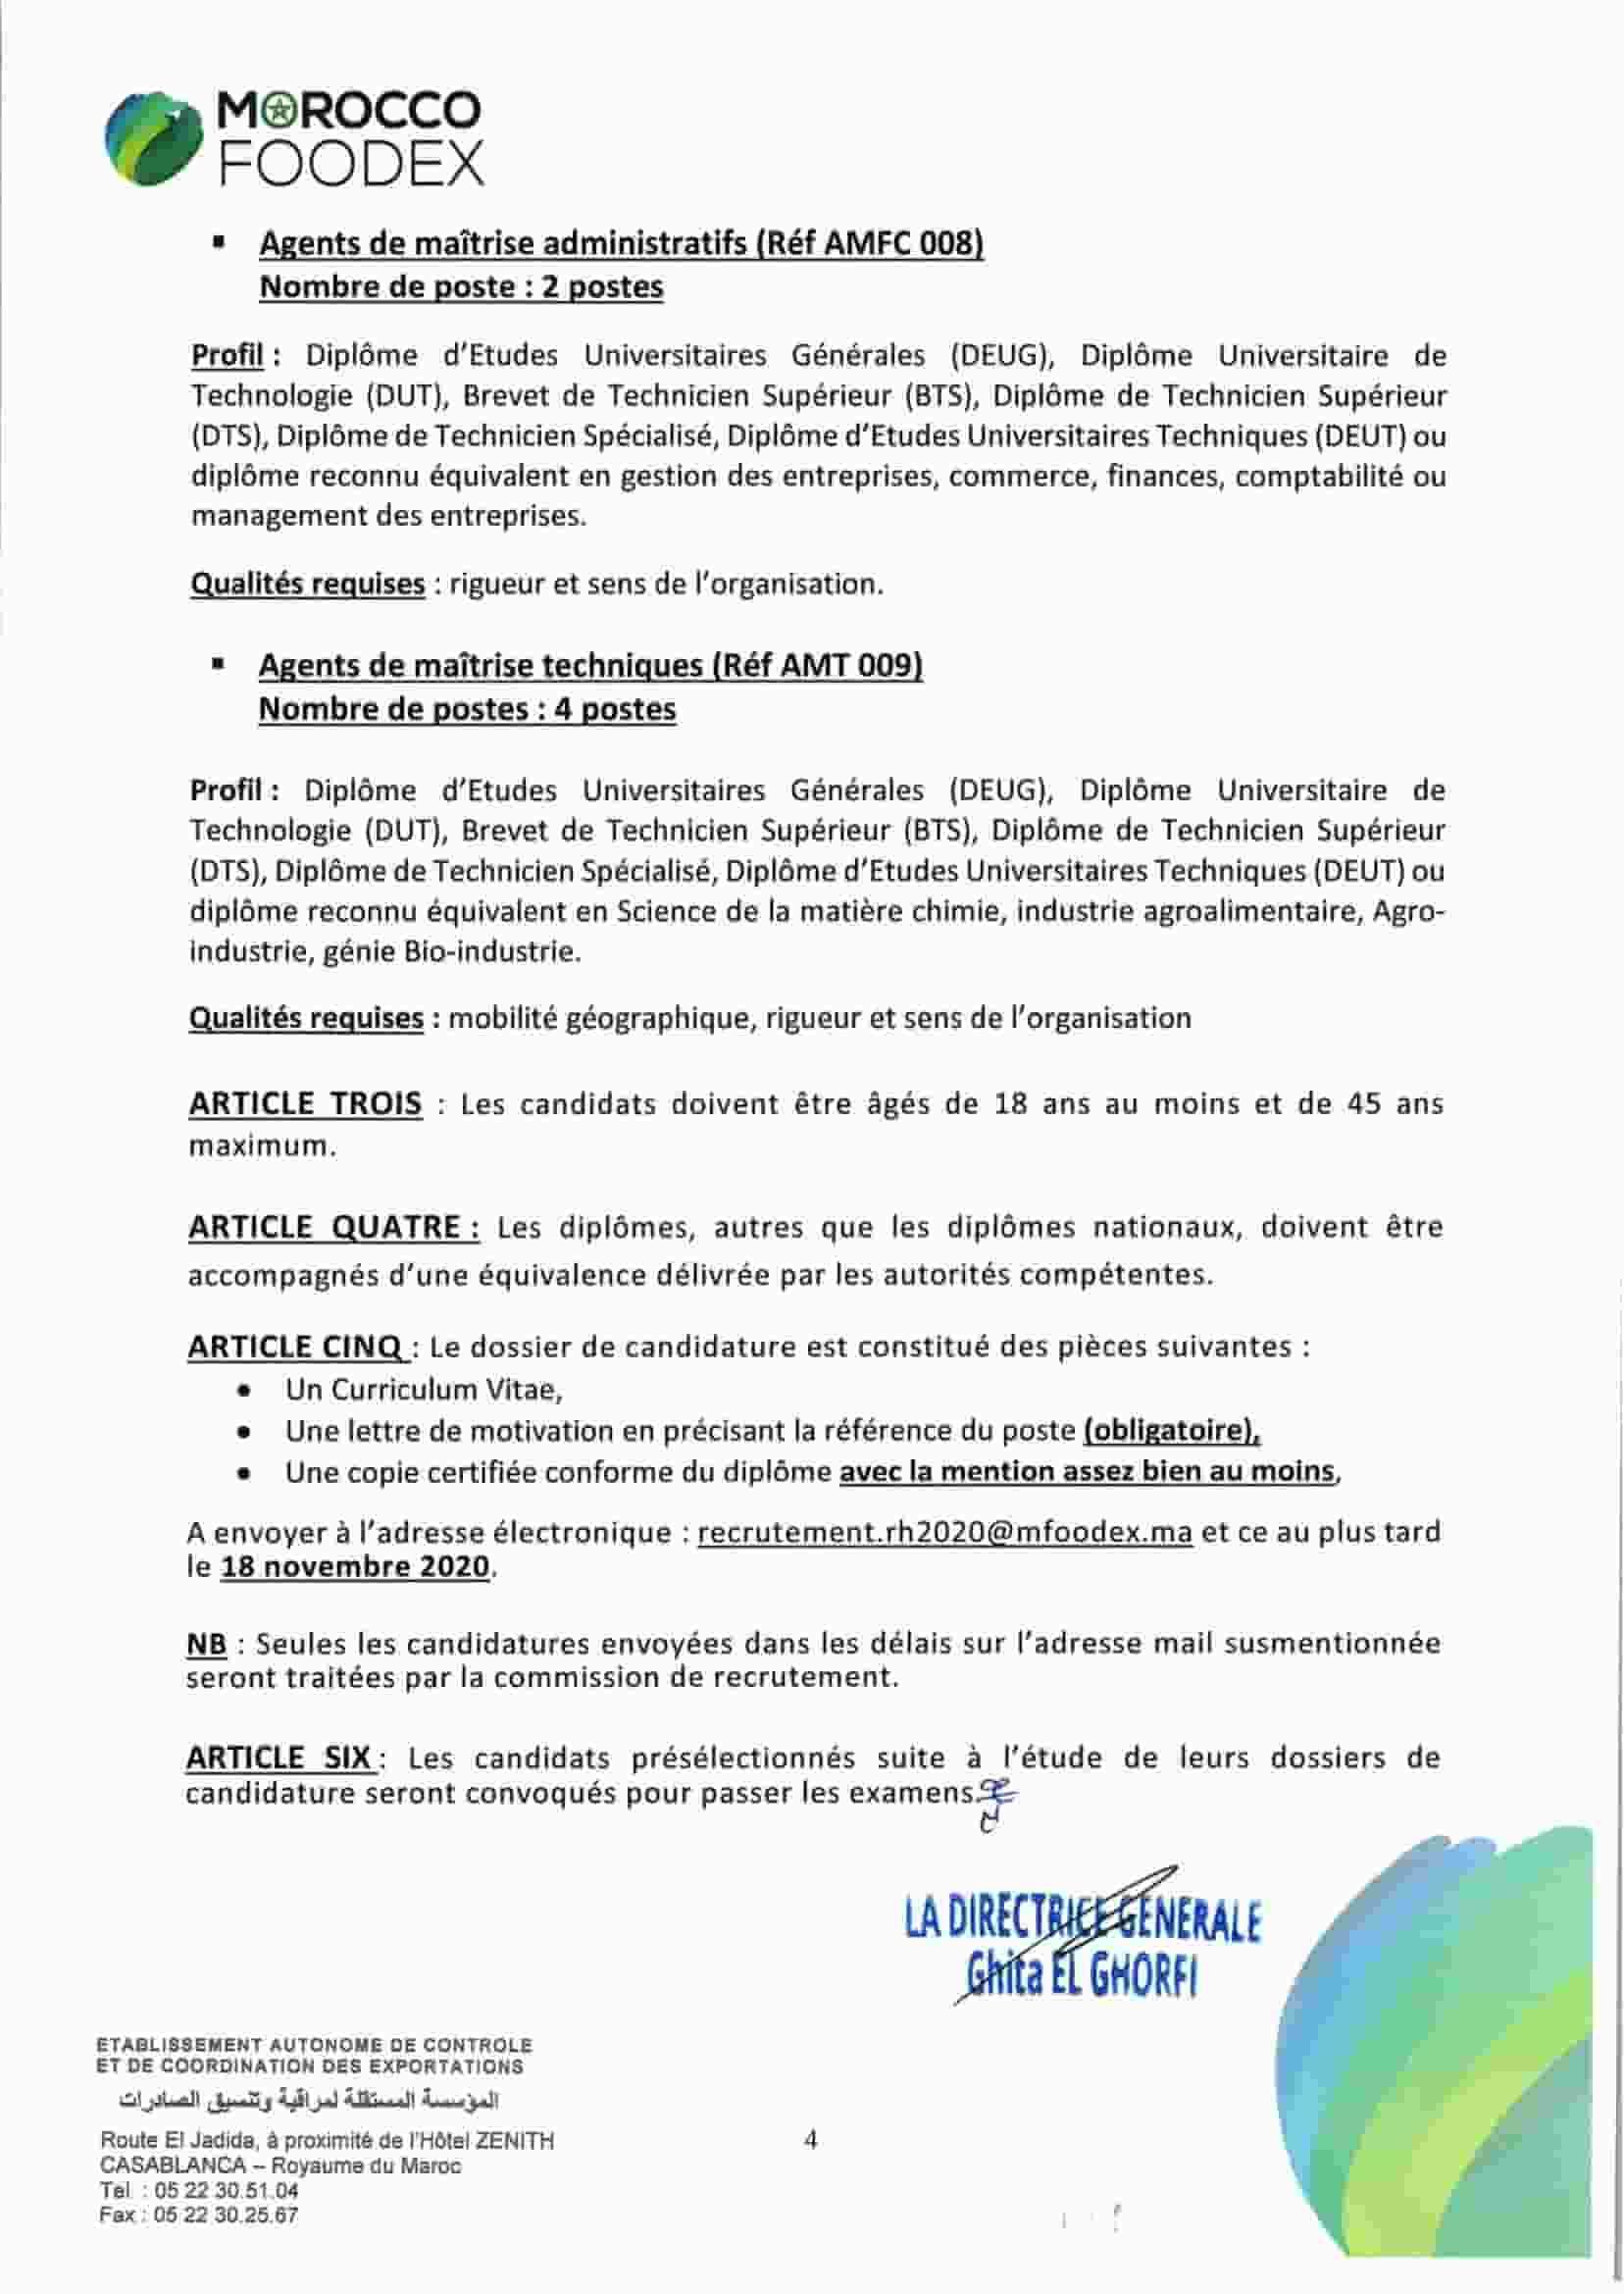 المؤسسة المستقلة لمراقبة وتنسيق الصادرات مباراة توظيف 13 منصب في مختلف الدرجات و التخصصات اخر اجل 18 نونبر 2020 Avis-c21